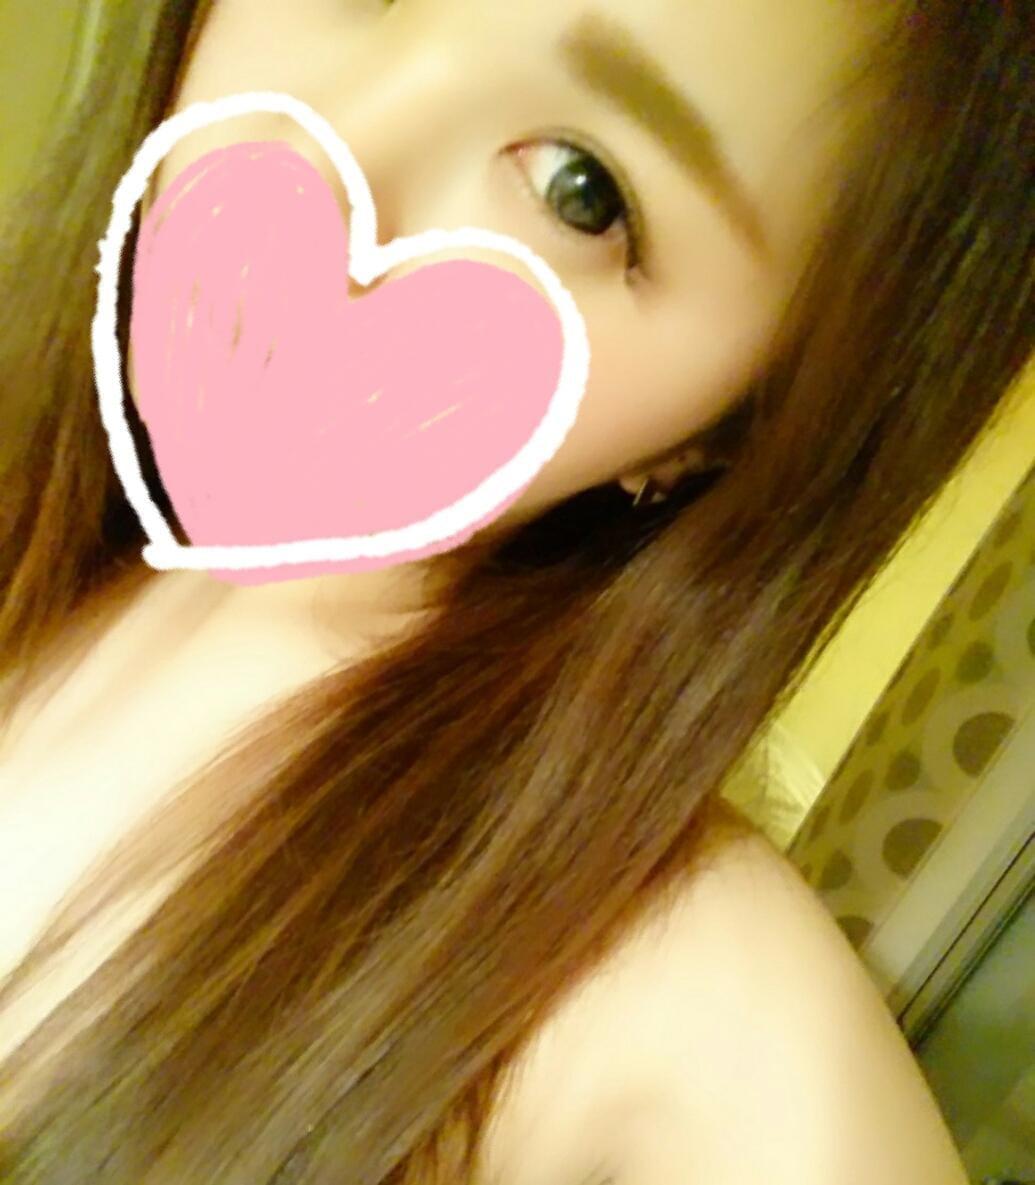 「月曜日のお礼♡」09/18(09/18) 00:48   まなの写メ・風俗動画